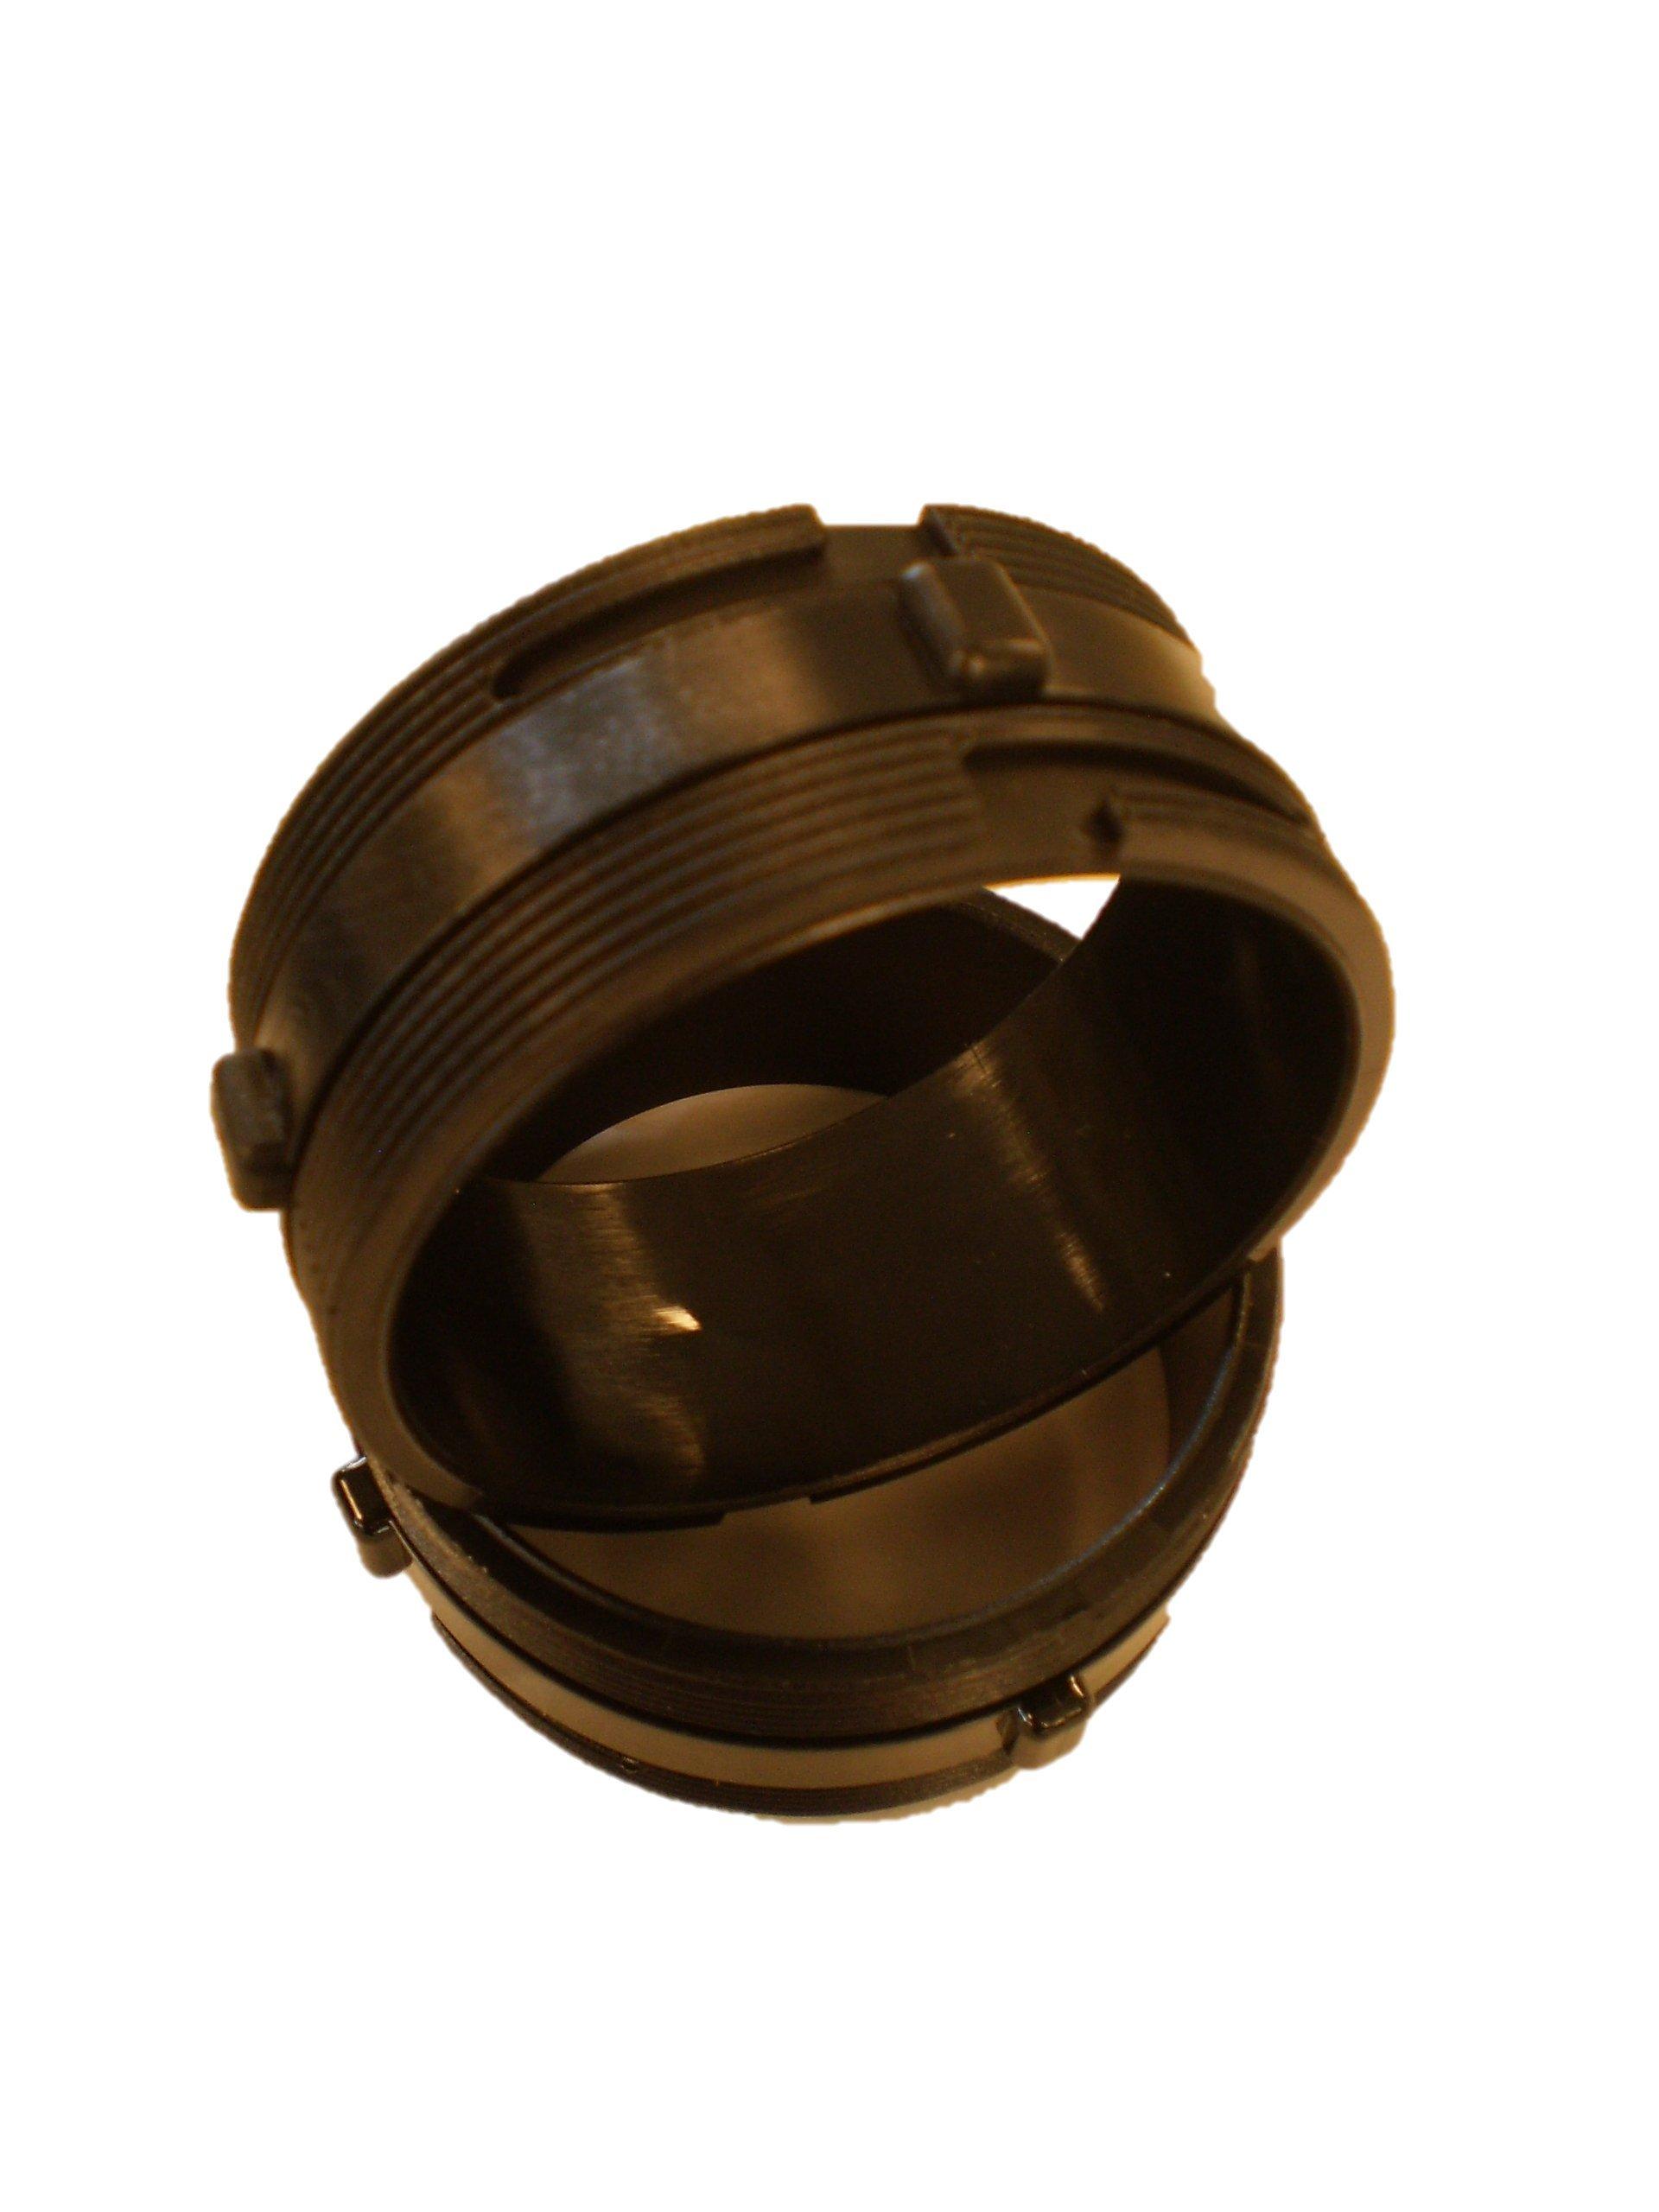 Marine/Shore Power 30A Adapter Standard Collar (8934)